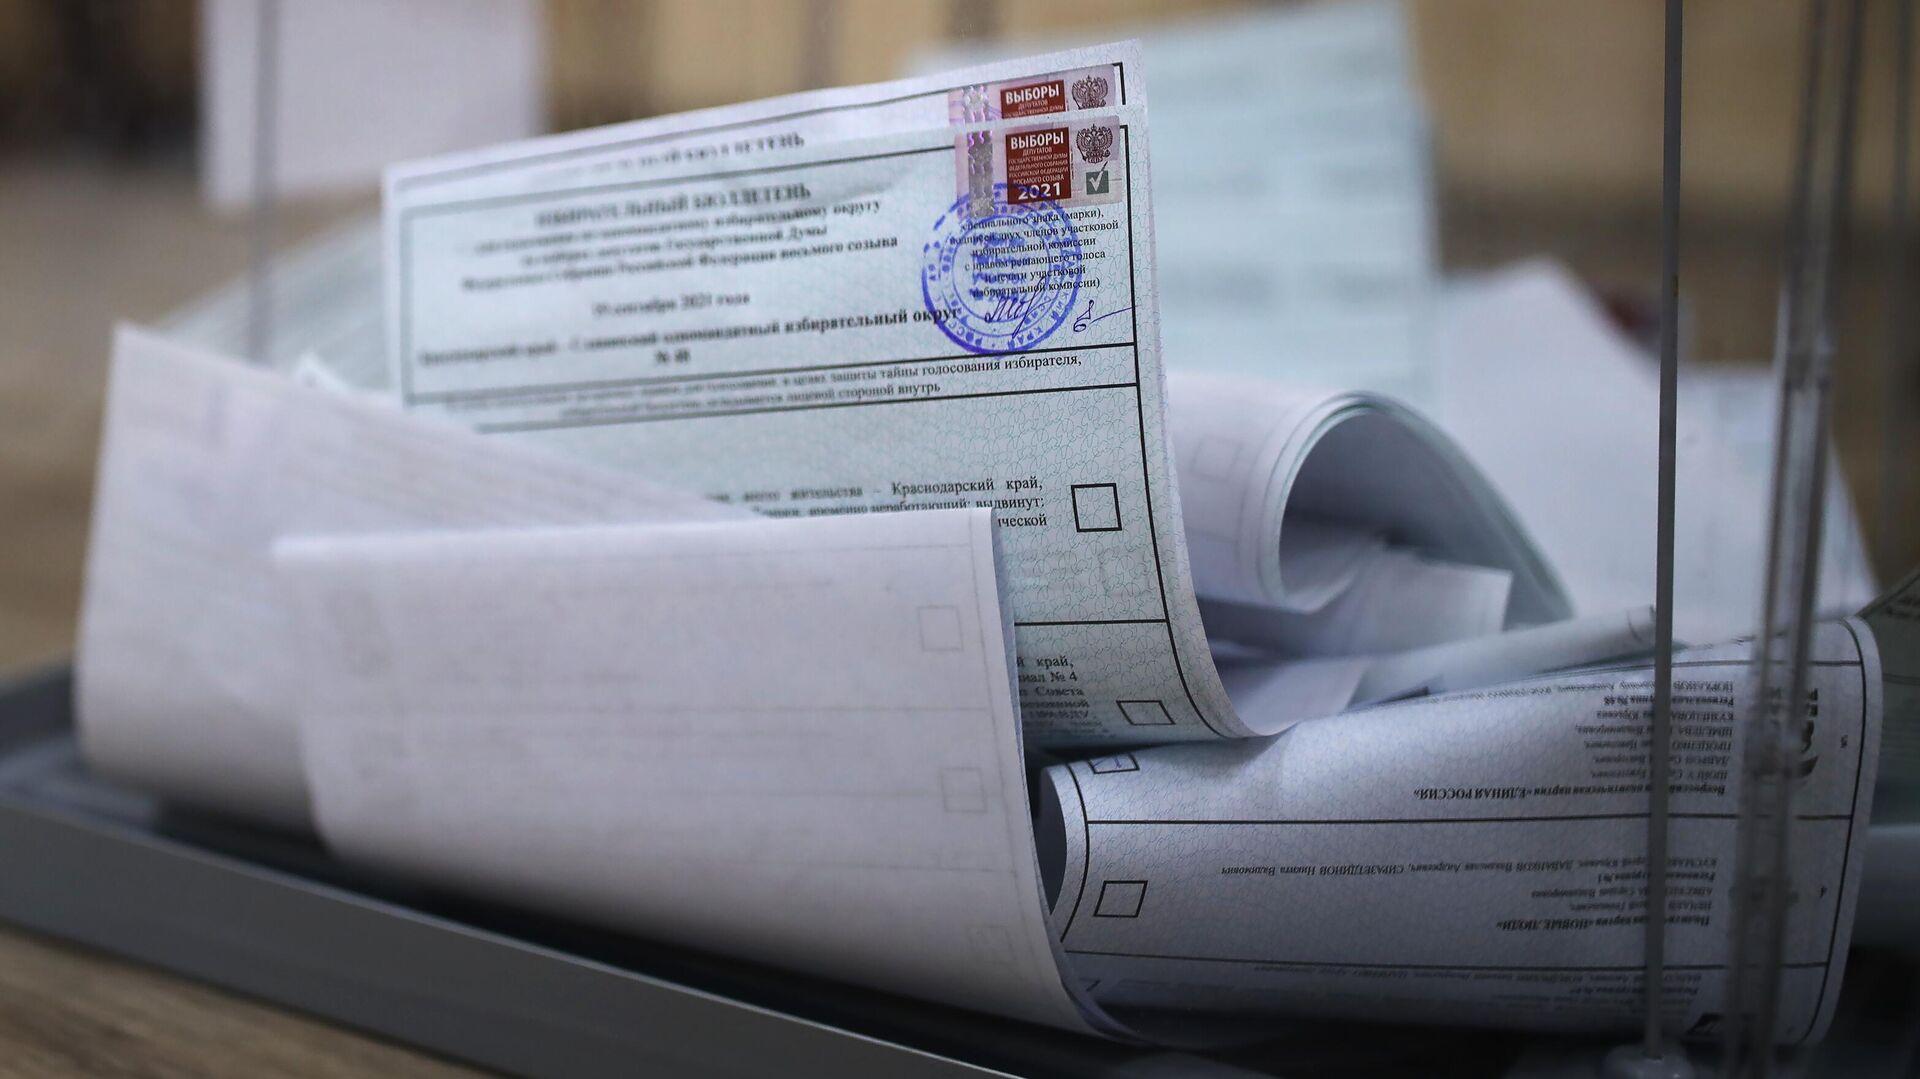 Урна с бюллетенями проголосовавших на выборах депутатов Государственной Думы РФ - РИА Новости, 1920, 19.09.2021